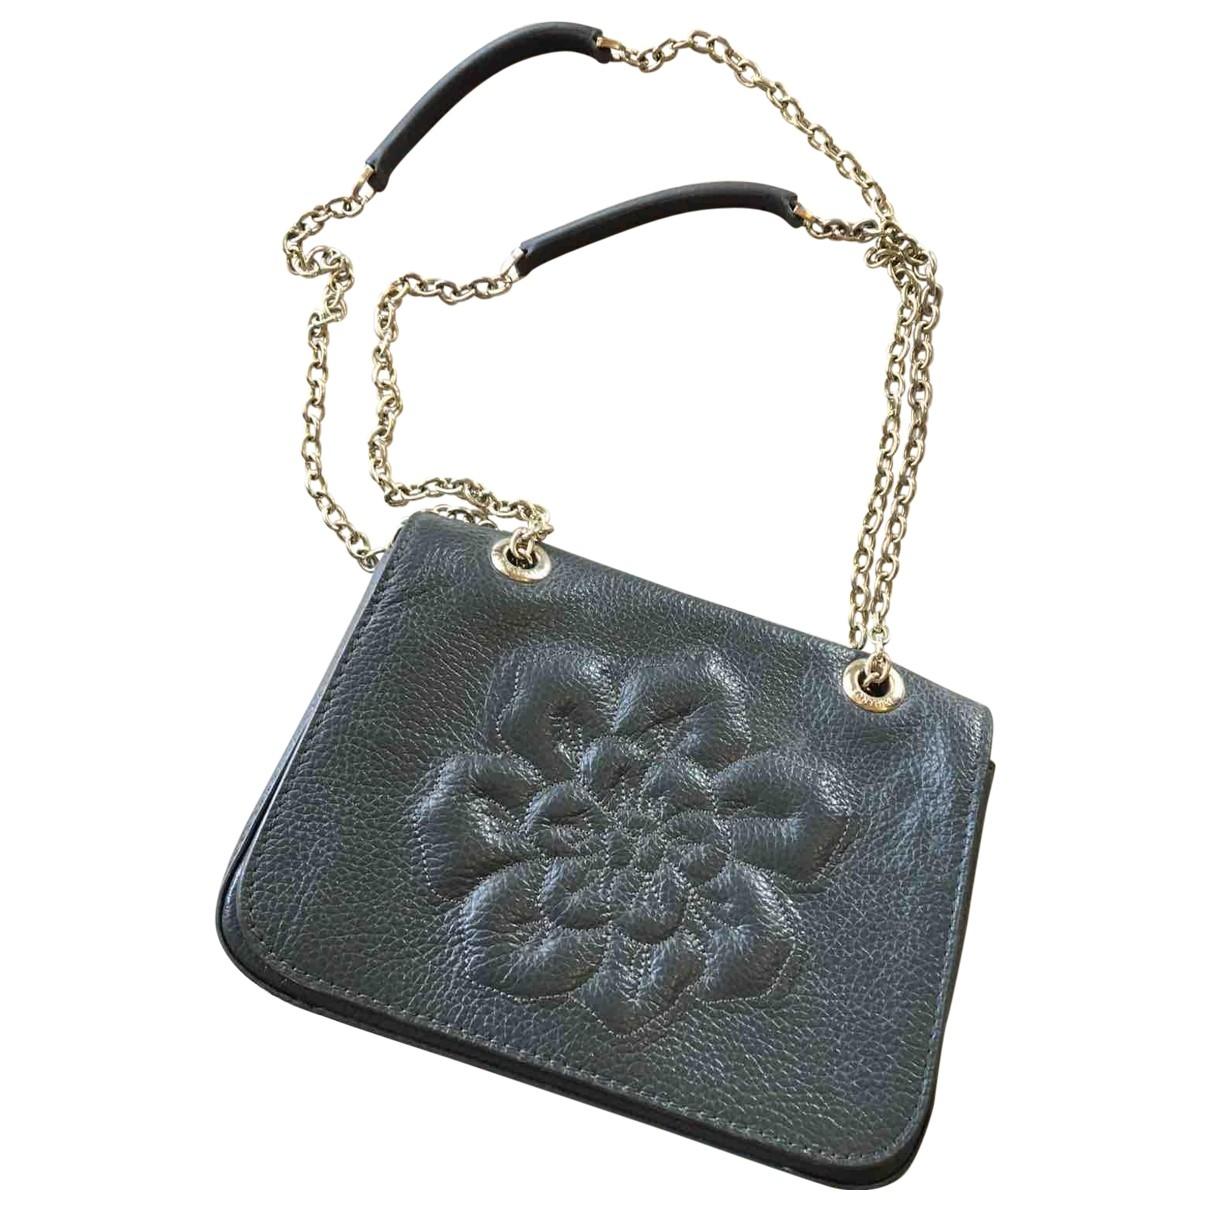 Anne Fontaine \N Handtasche in  Schwarz Leder